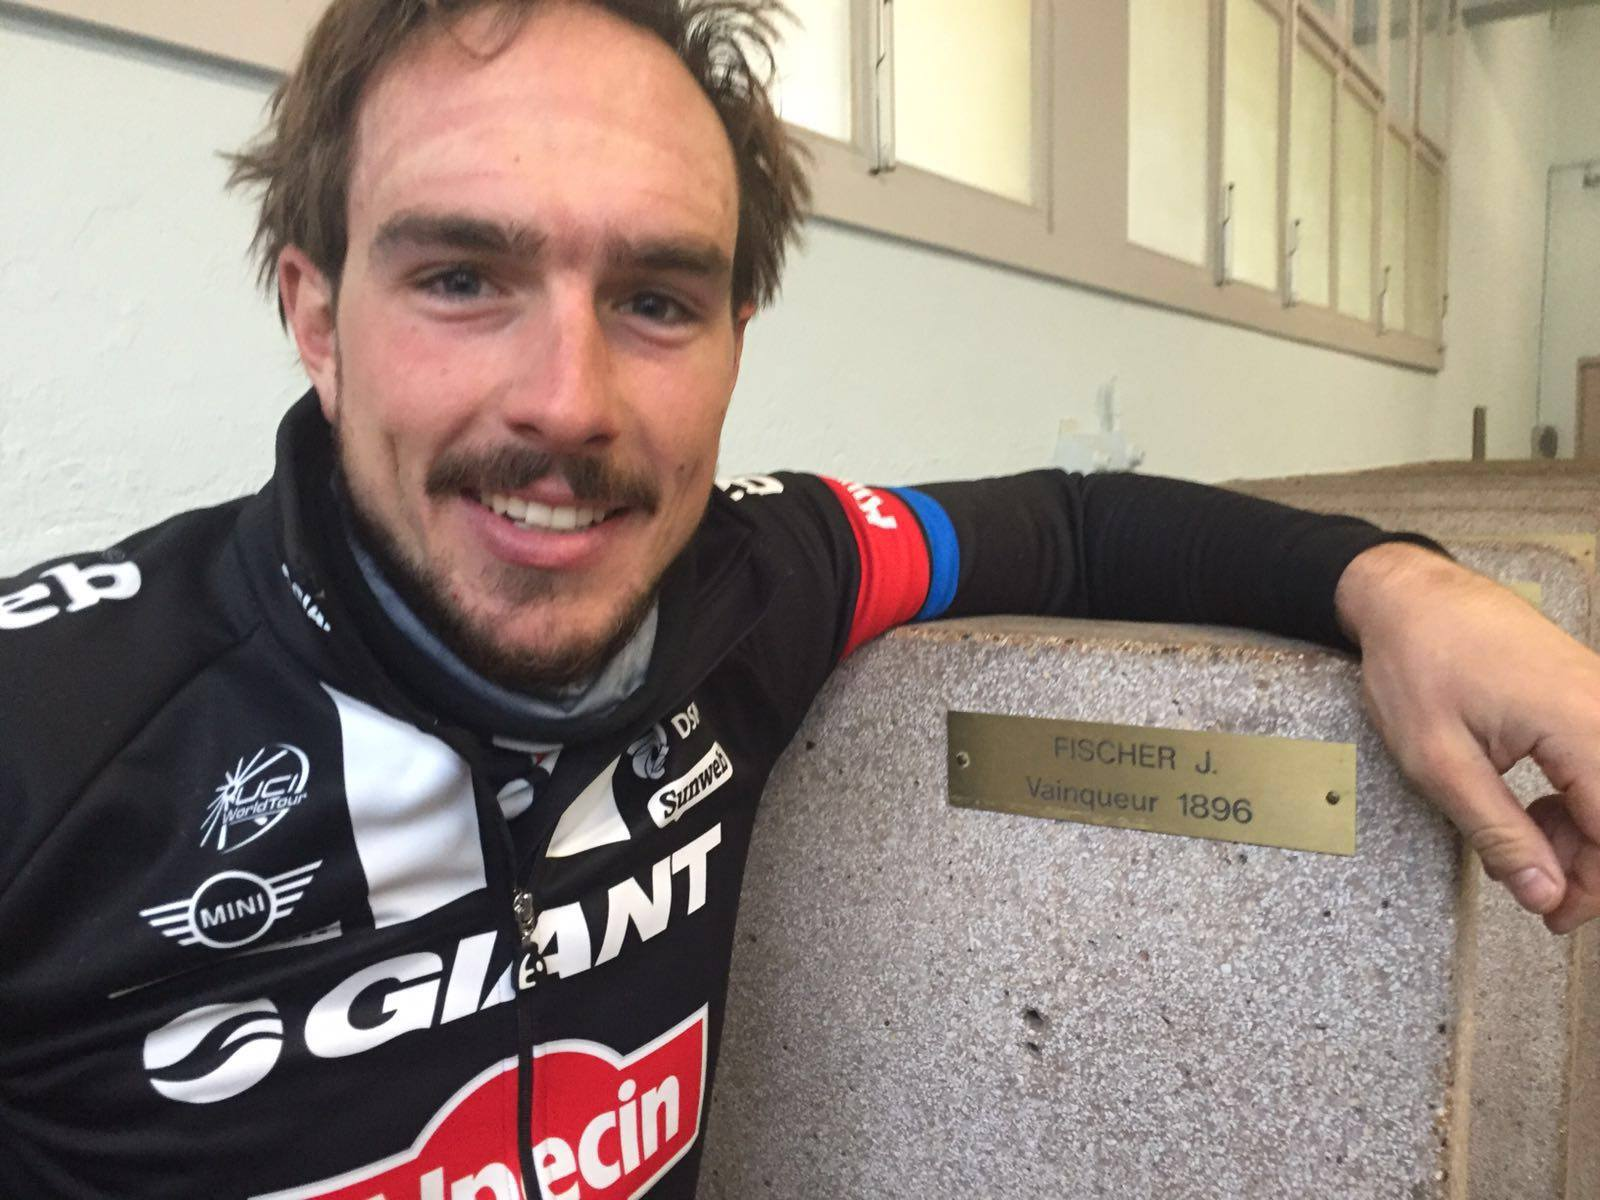 Degenkolb éppen a múlt héten szögezhette fel a győztesnek járó névtáblát a Roubaix velodróm öltözőjében, idén kérdéses még a részvétel is...